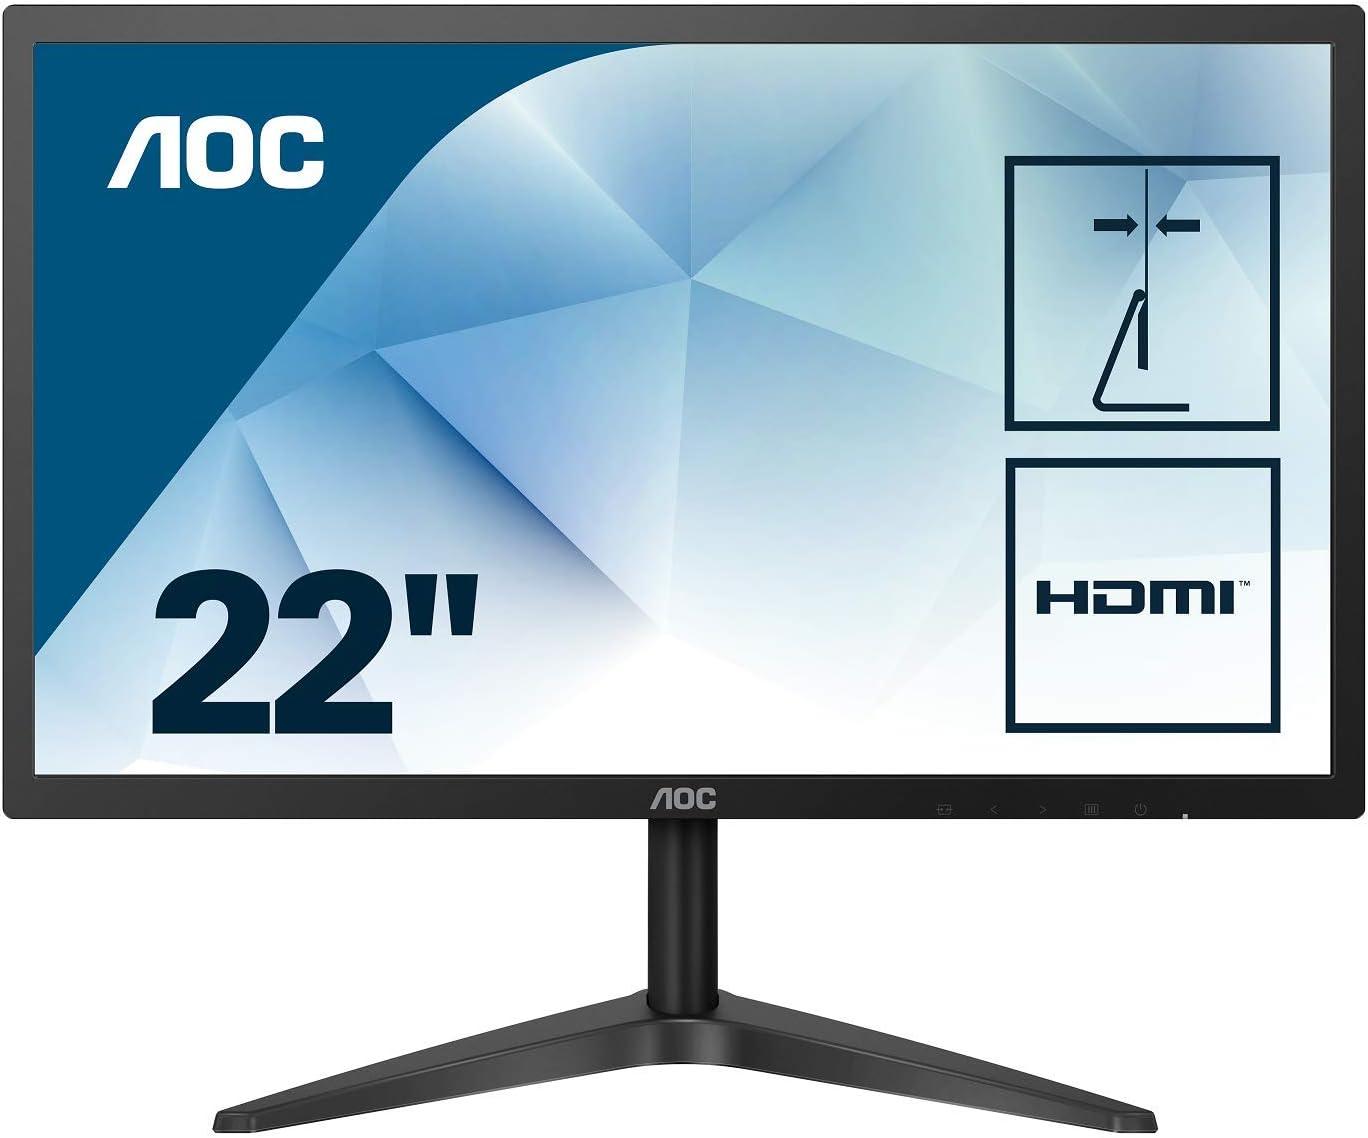 Monitor AOC 22B1HS de 21,5″ por 99,98€